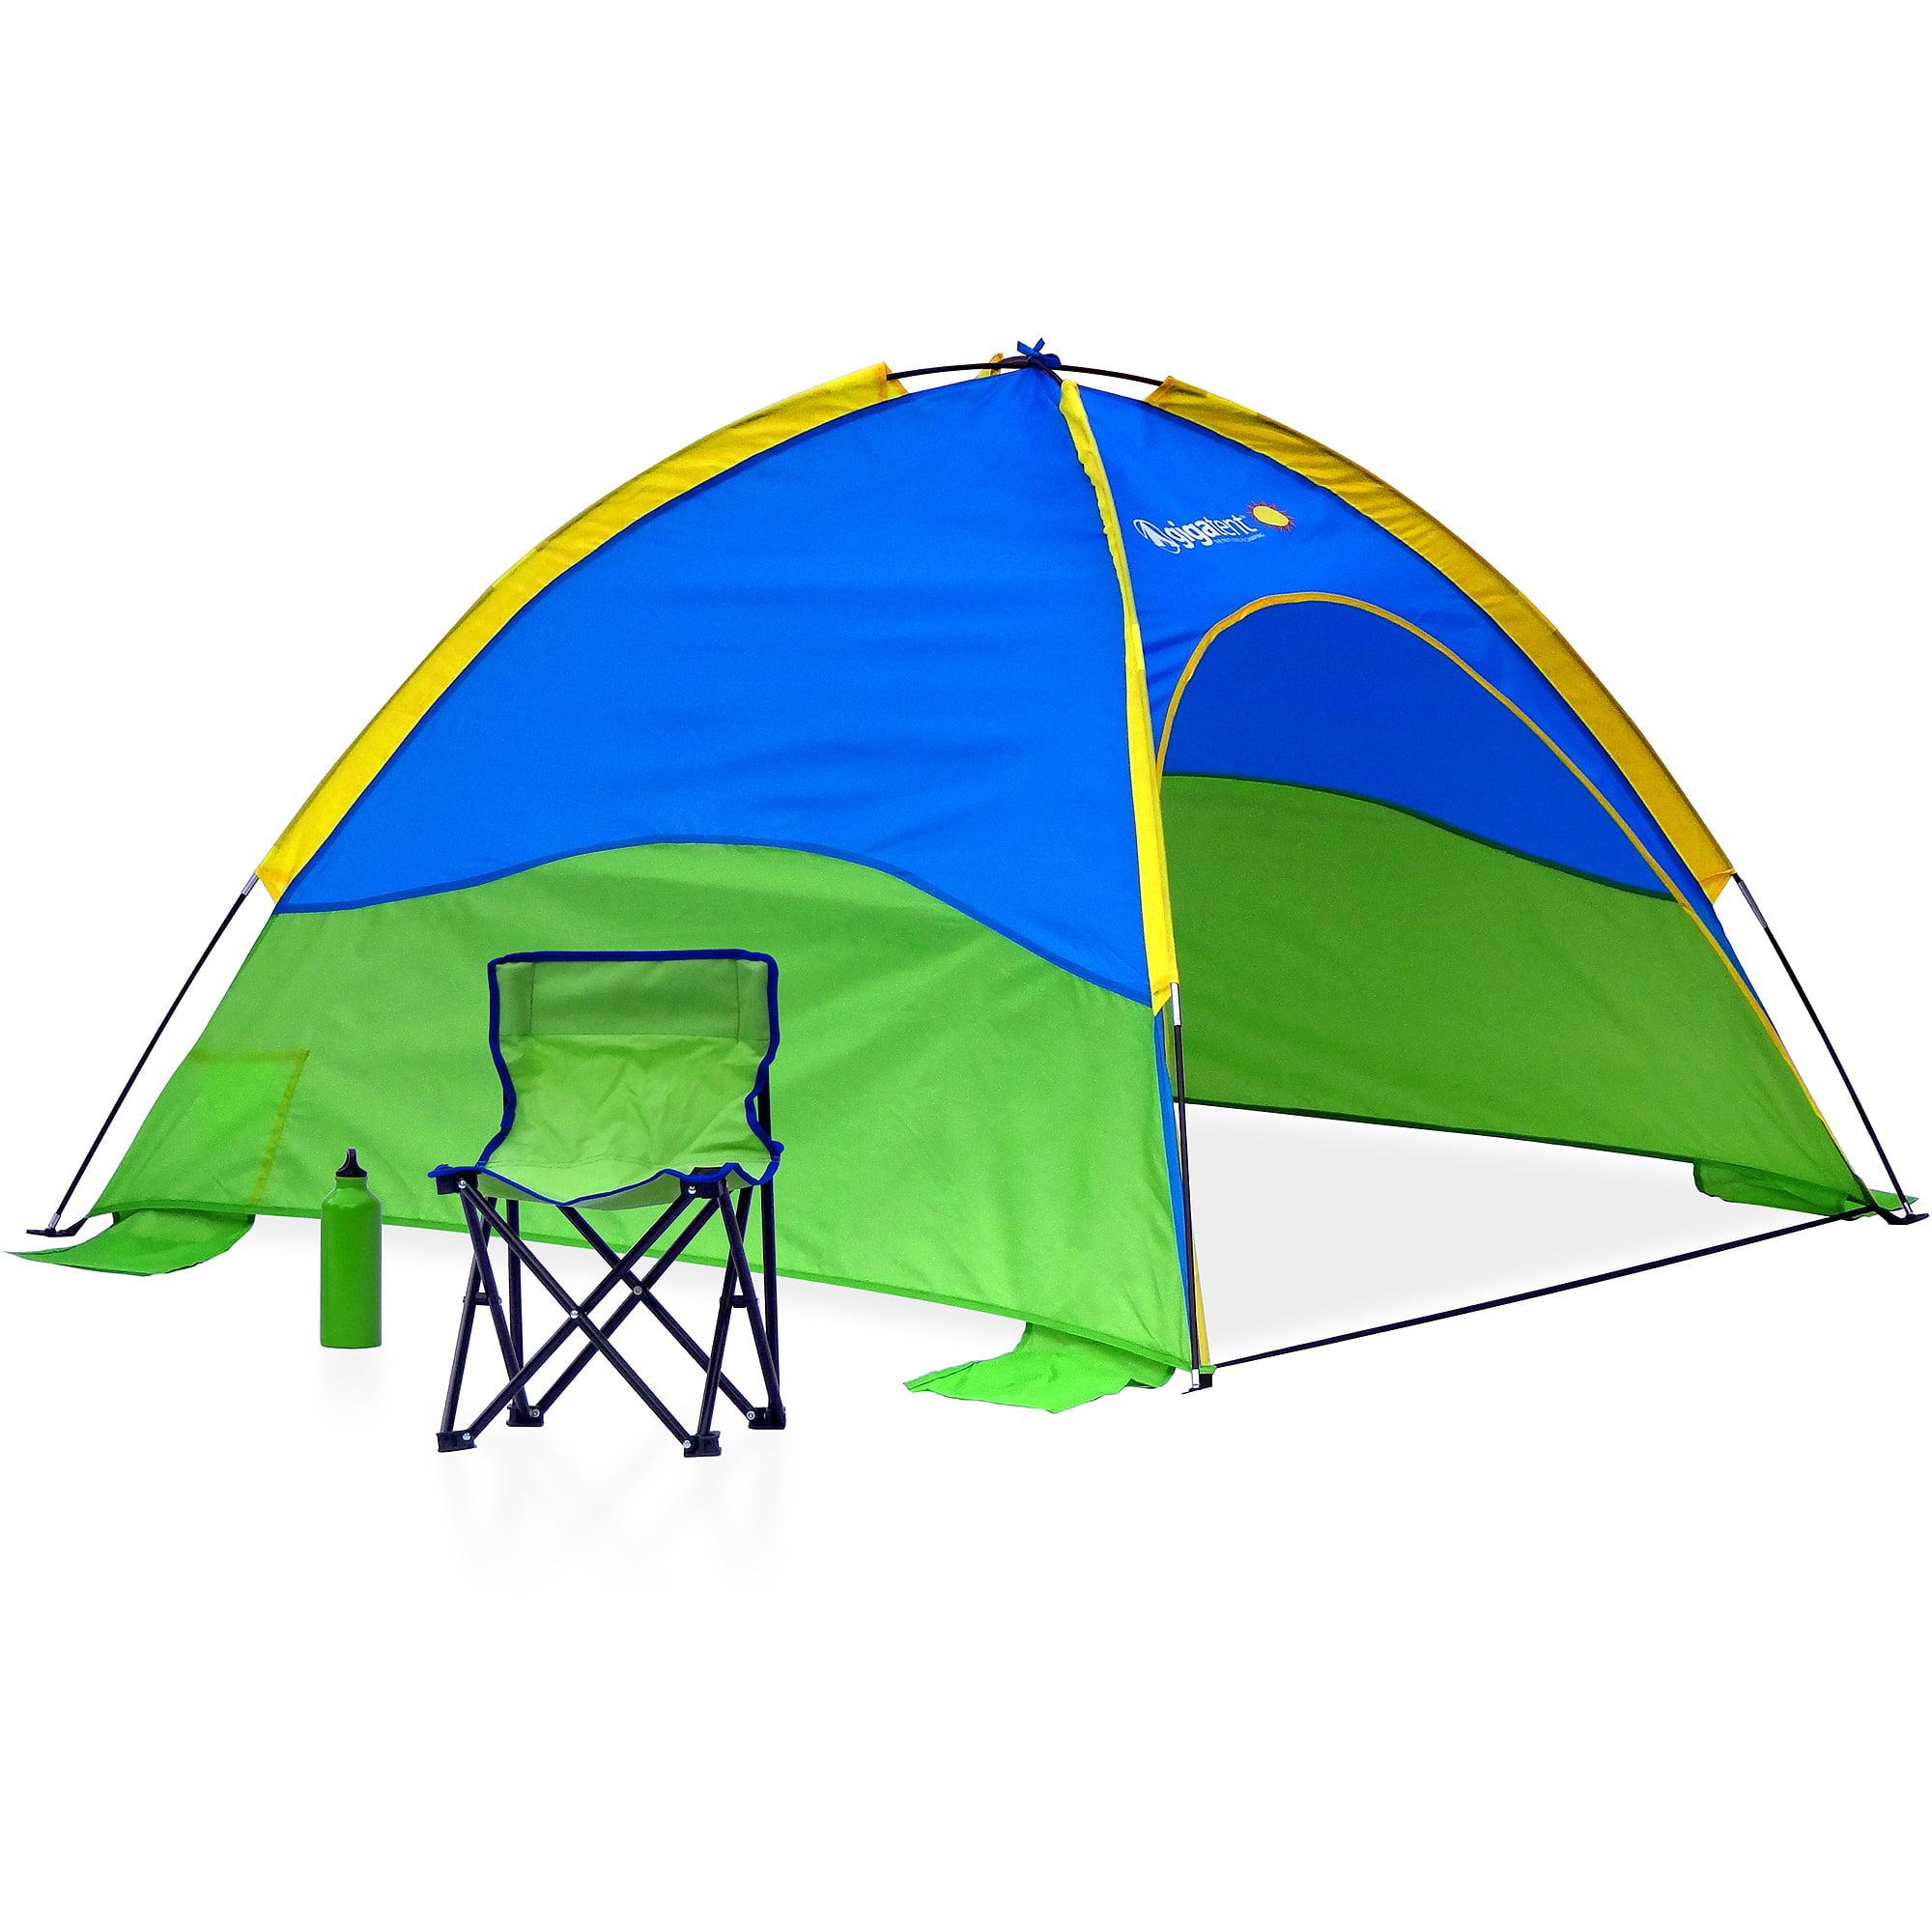 sc 1 st  Walmart & GigaTent Kidsu0027 Beach Cabana Set - Walmart.com